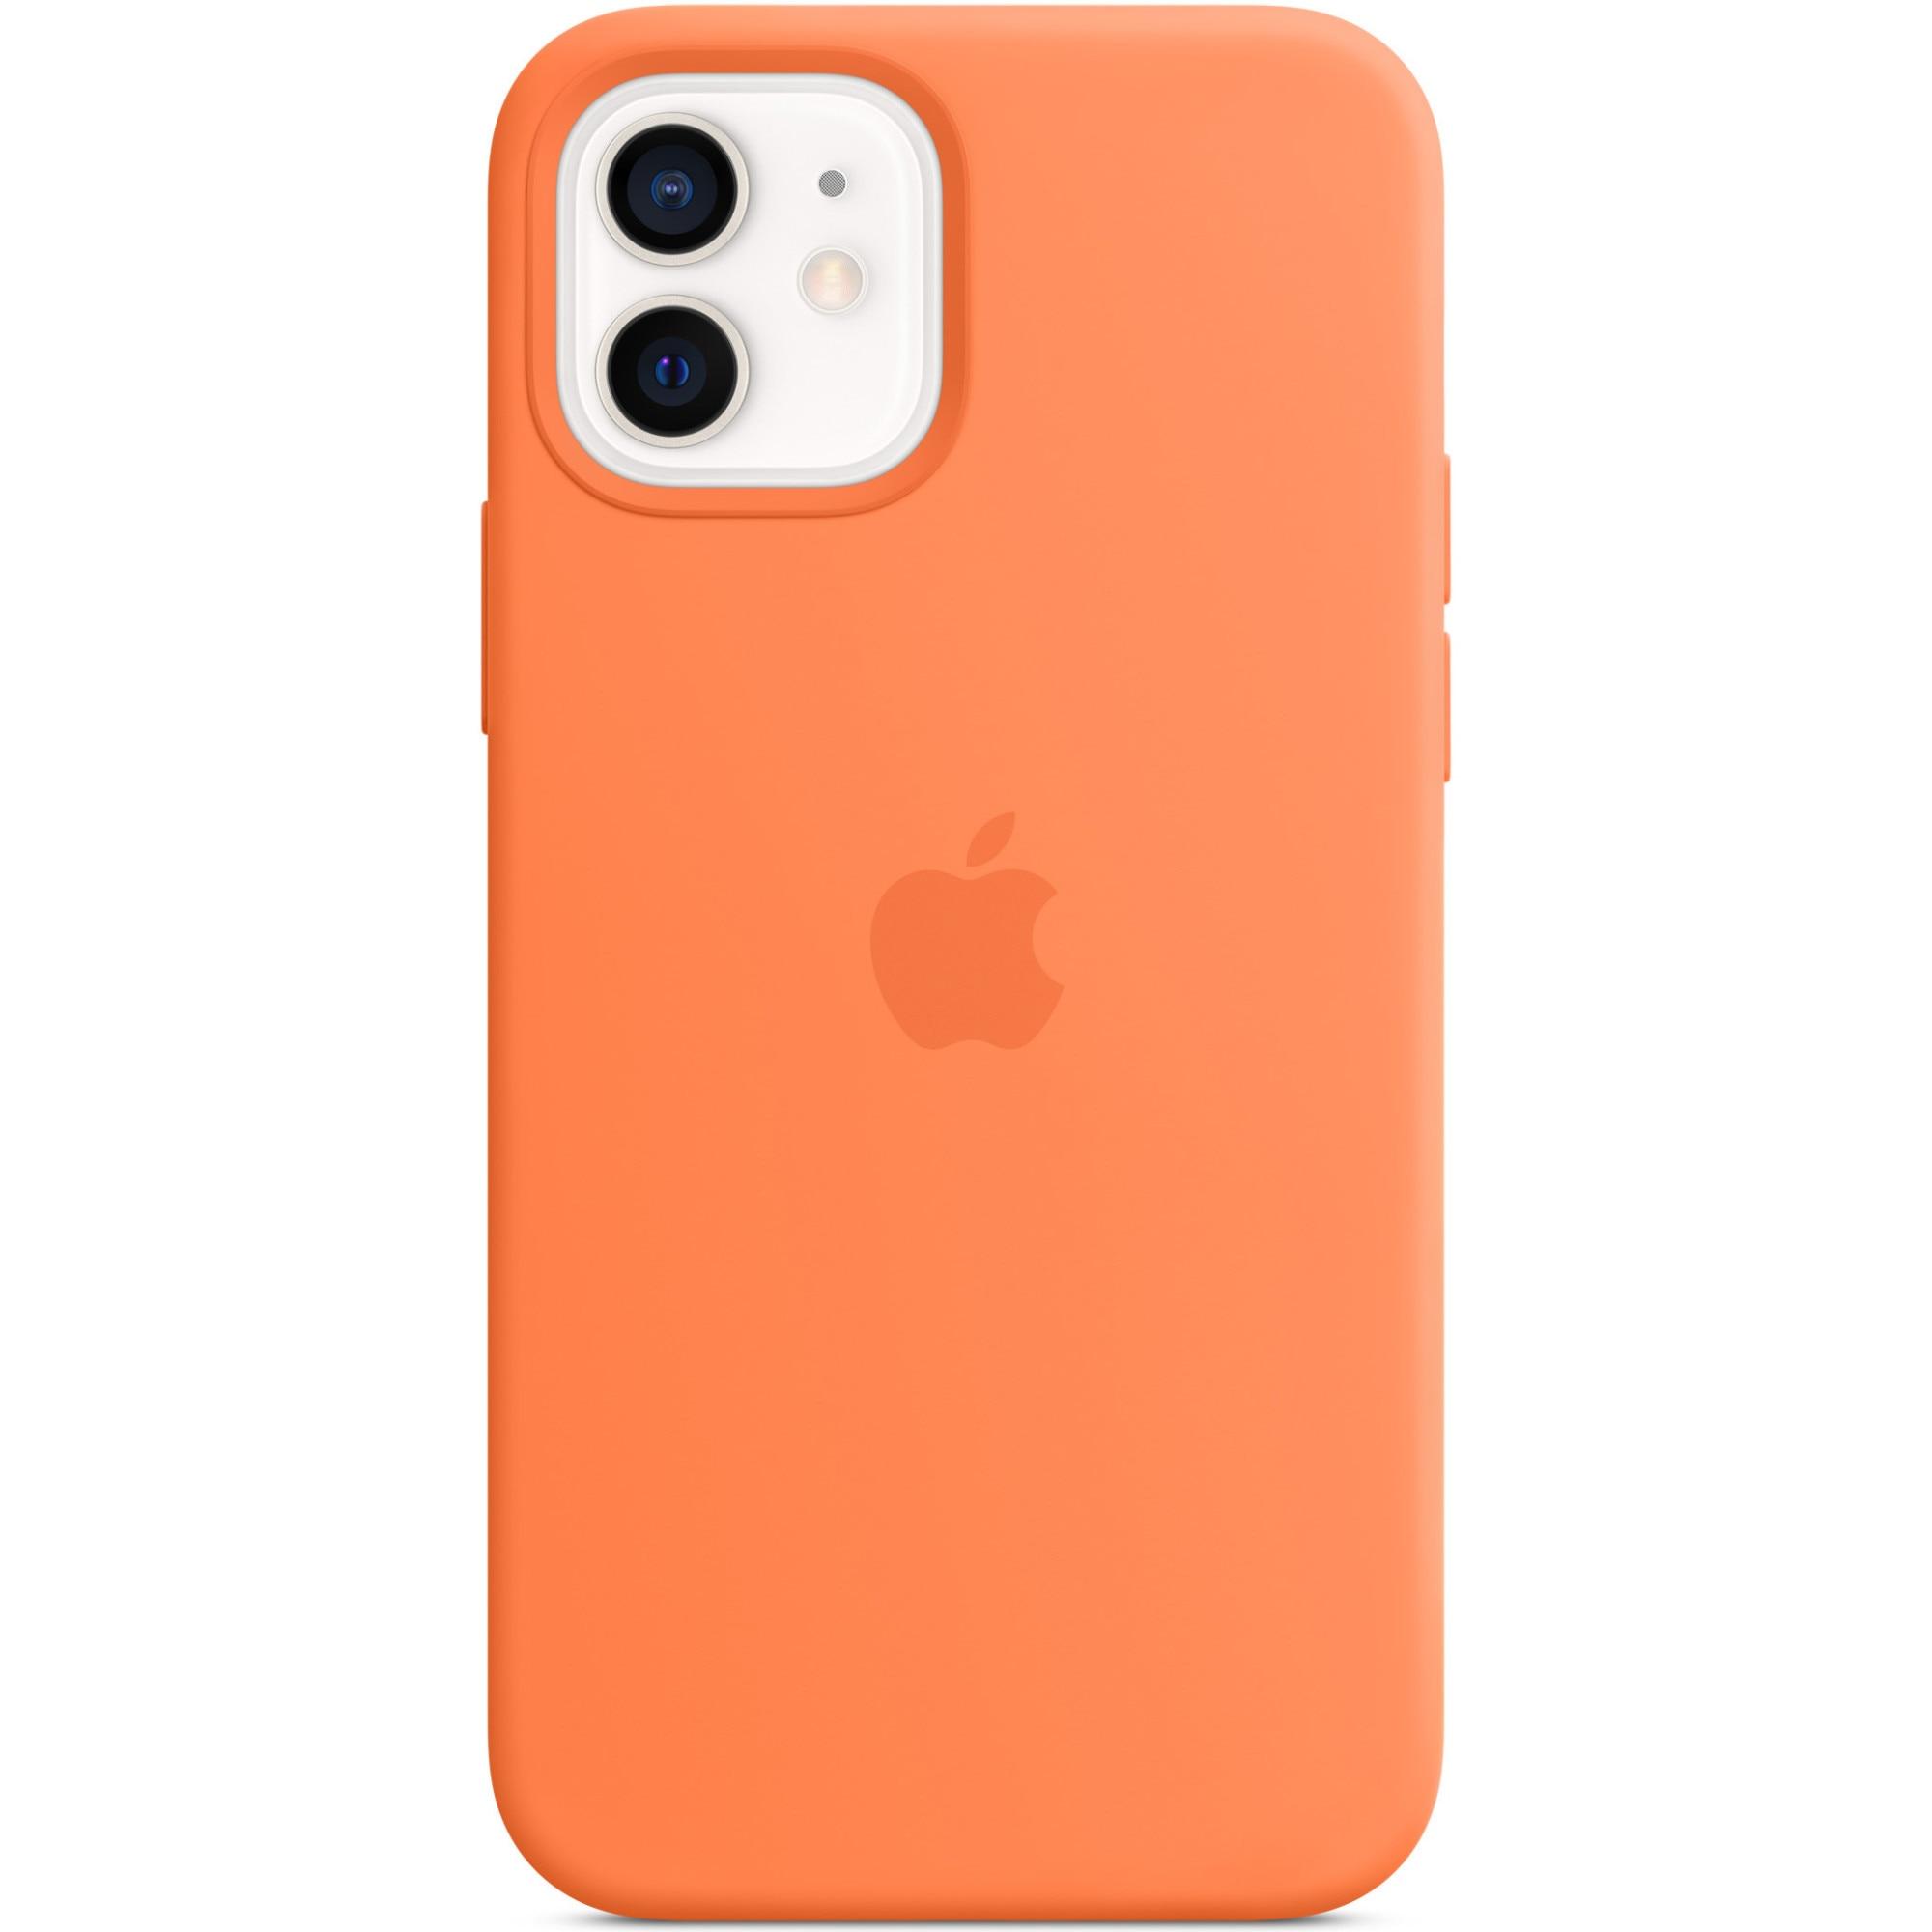 Fotografie Husa de protectie Apple Silicone Case MagSafe pentru iPhone 12/12 Pro, Kumquat